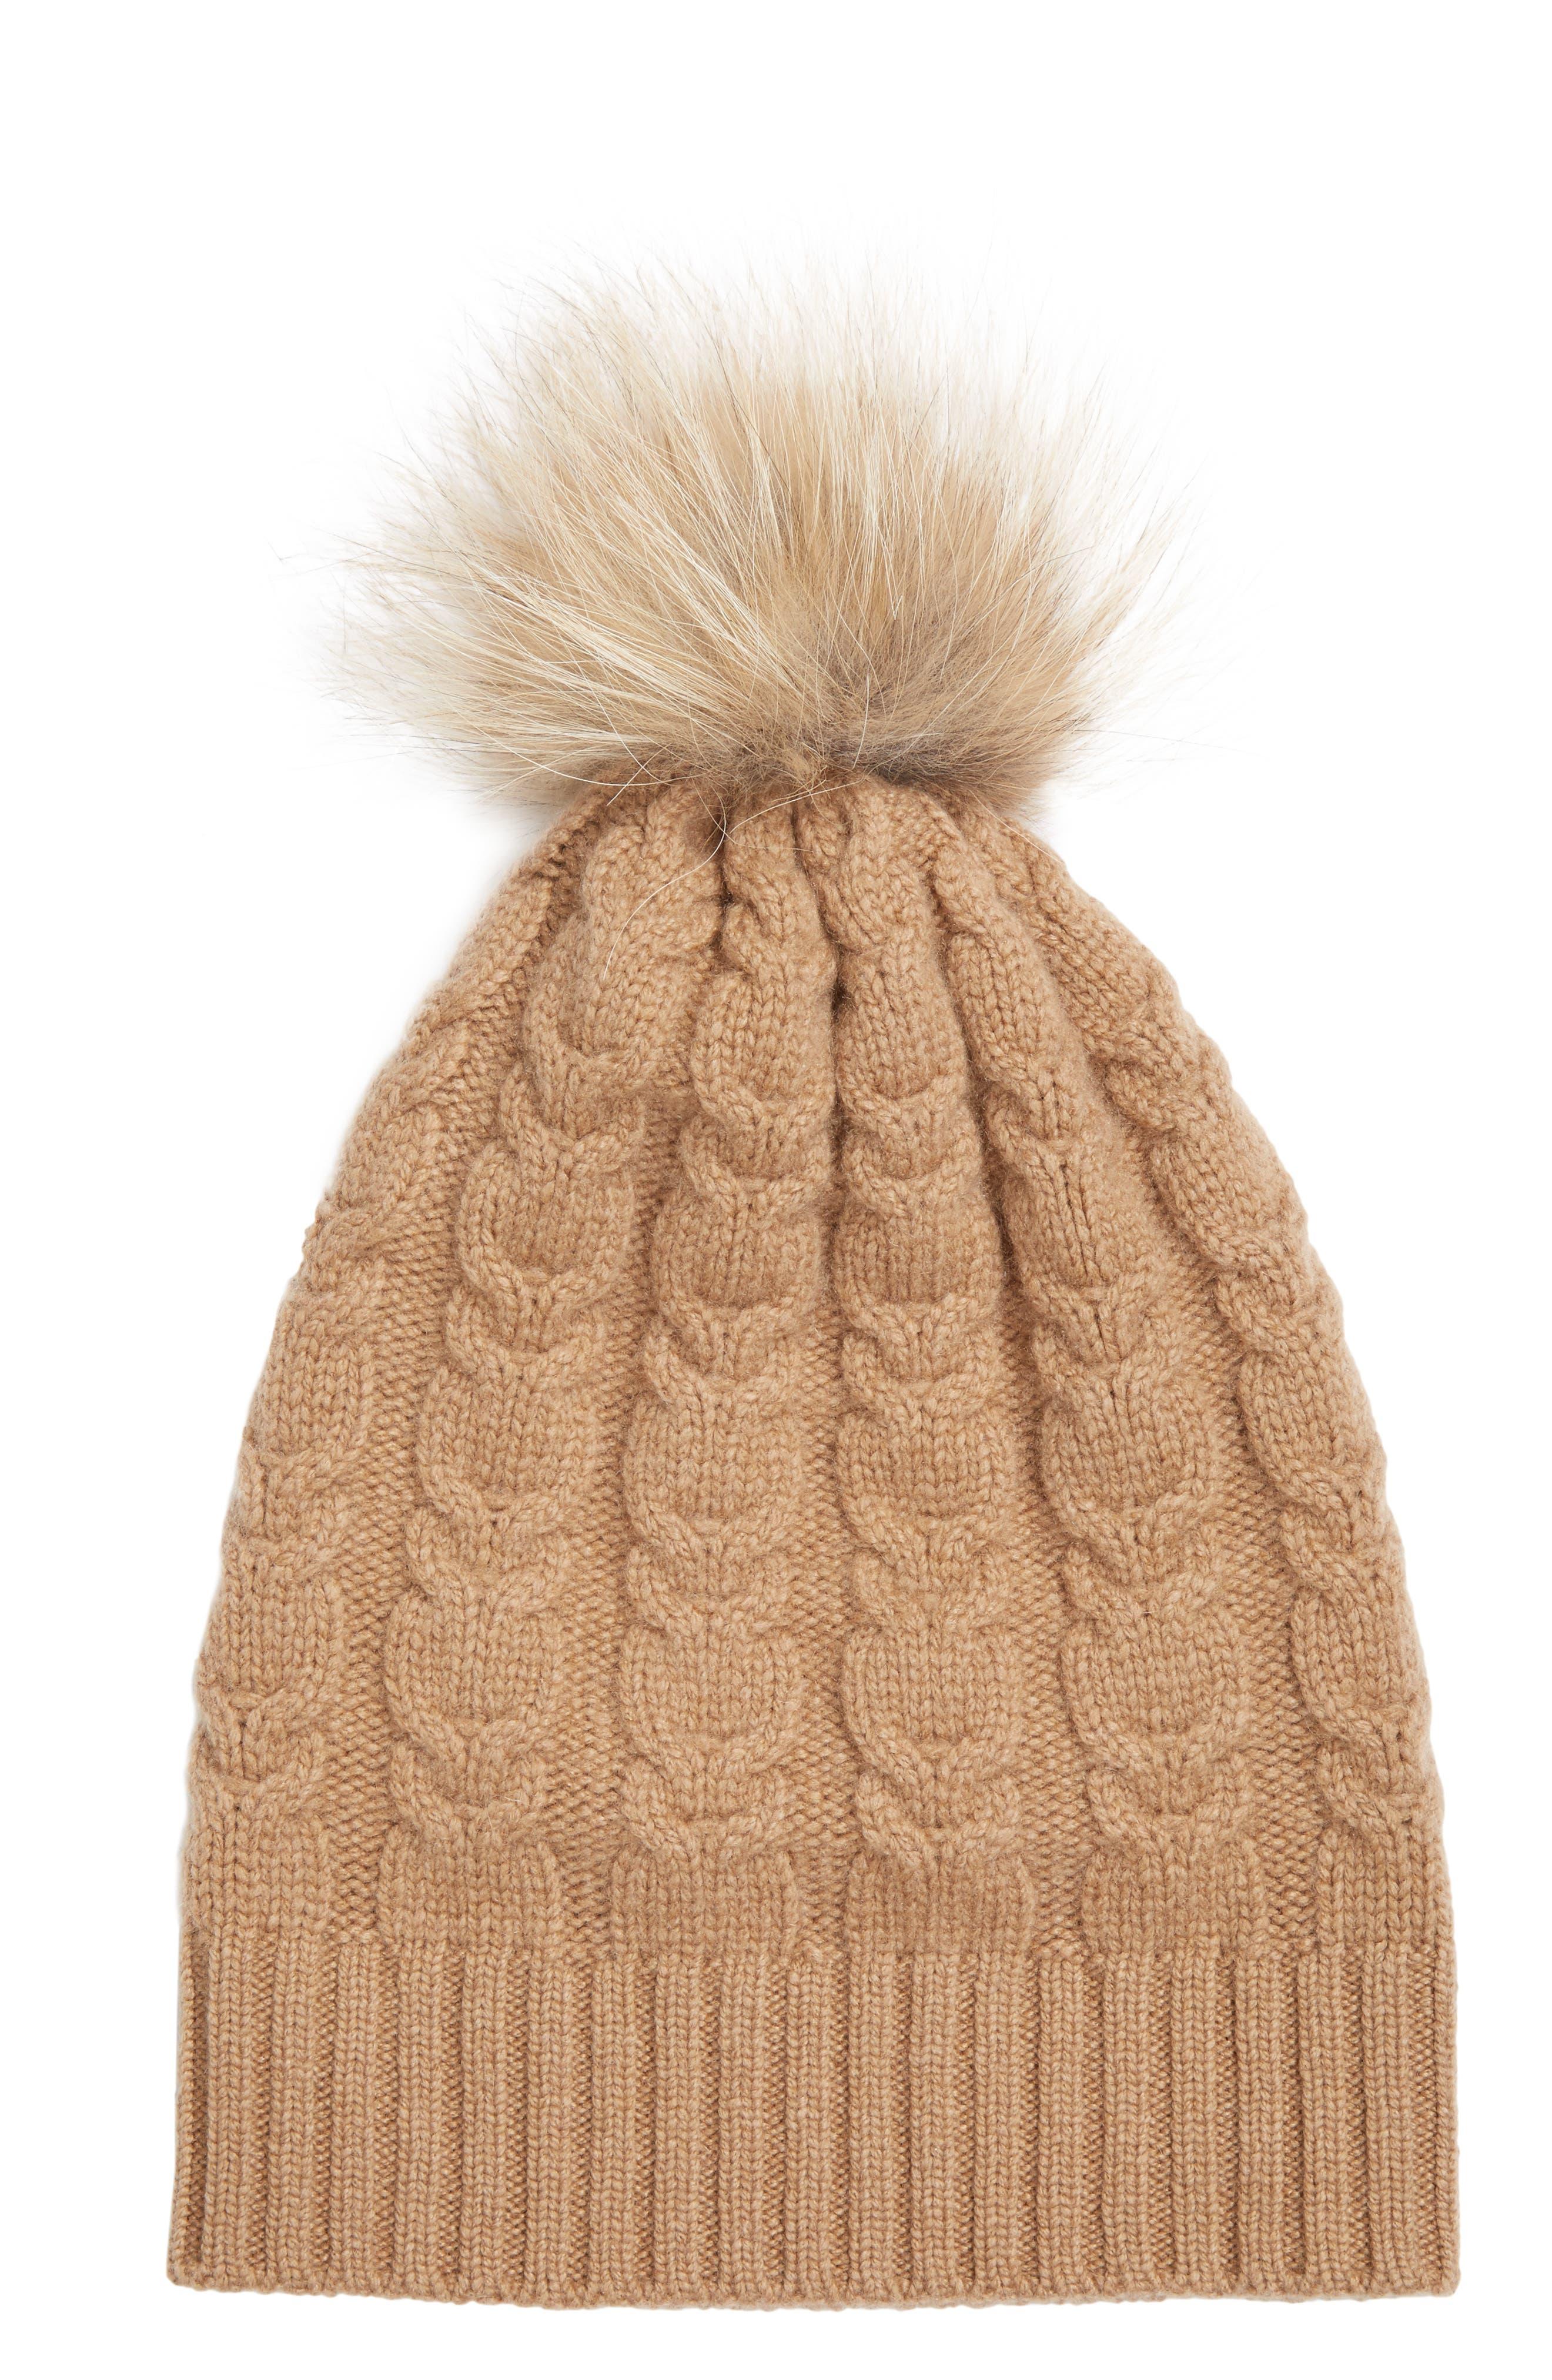 Fabiana Filippi Cable Knit Cashmere Beanie with Genuine Fox Fur Pom